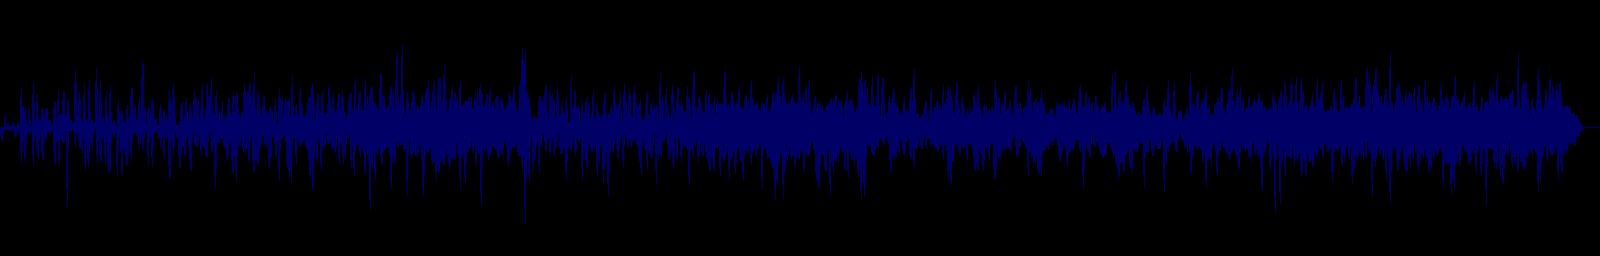 waveform of track #152402